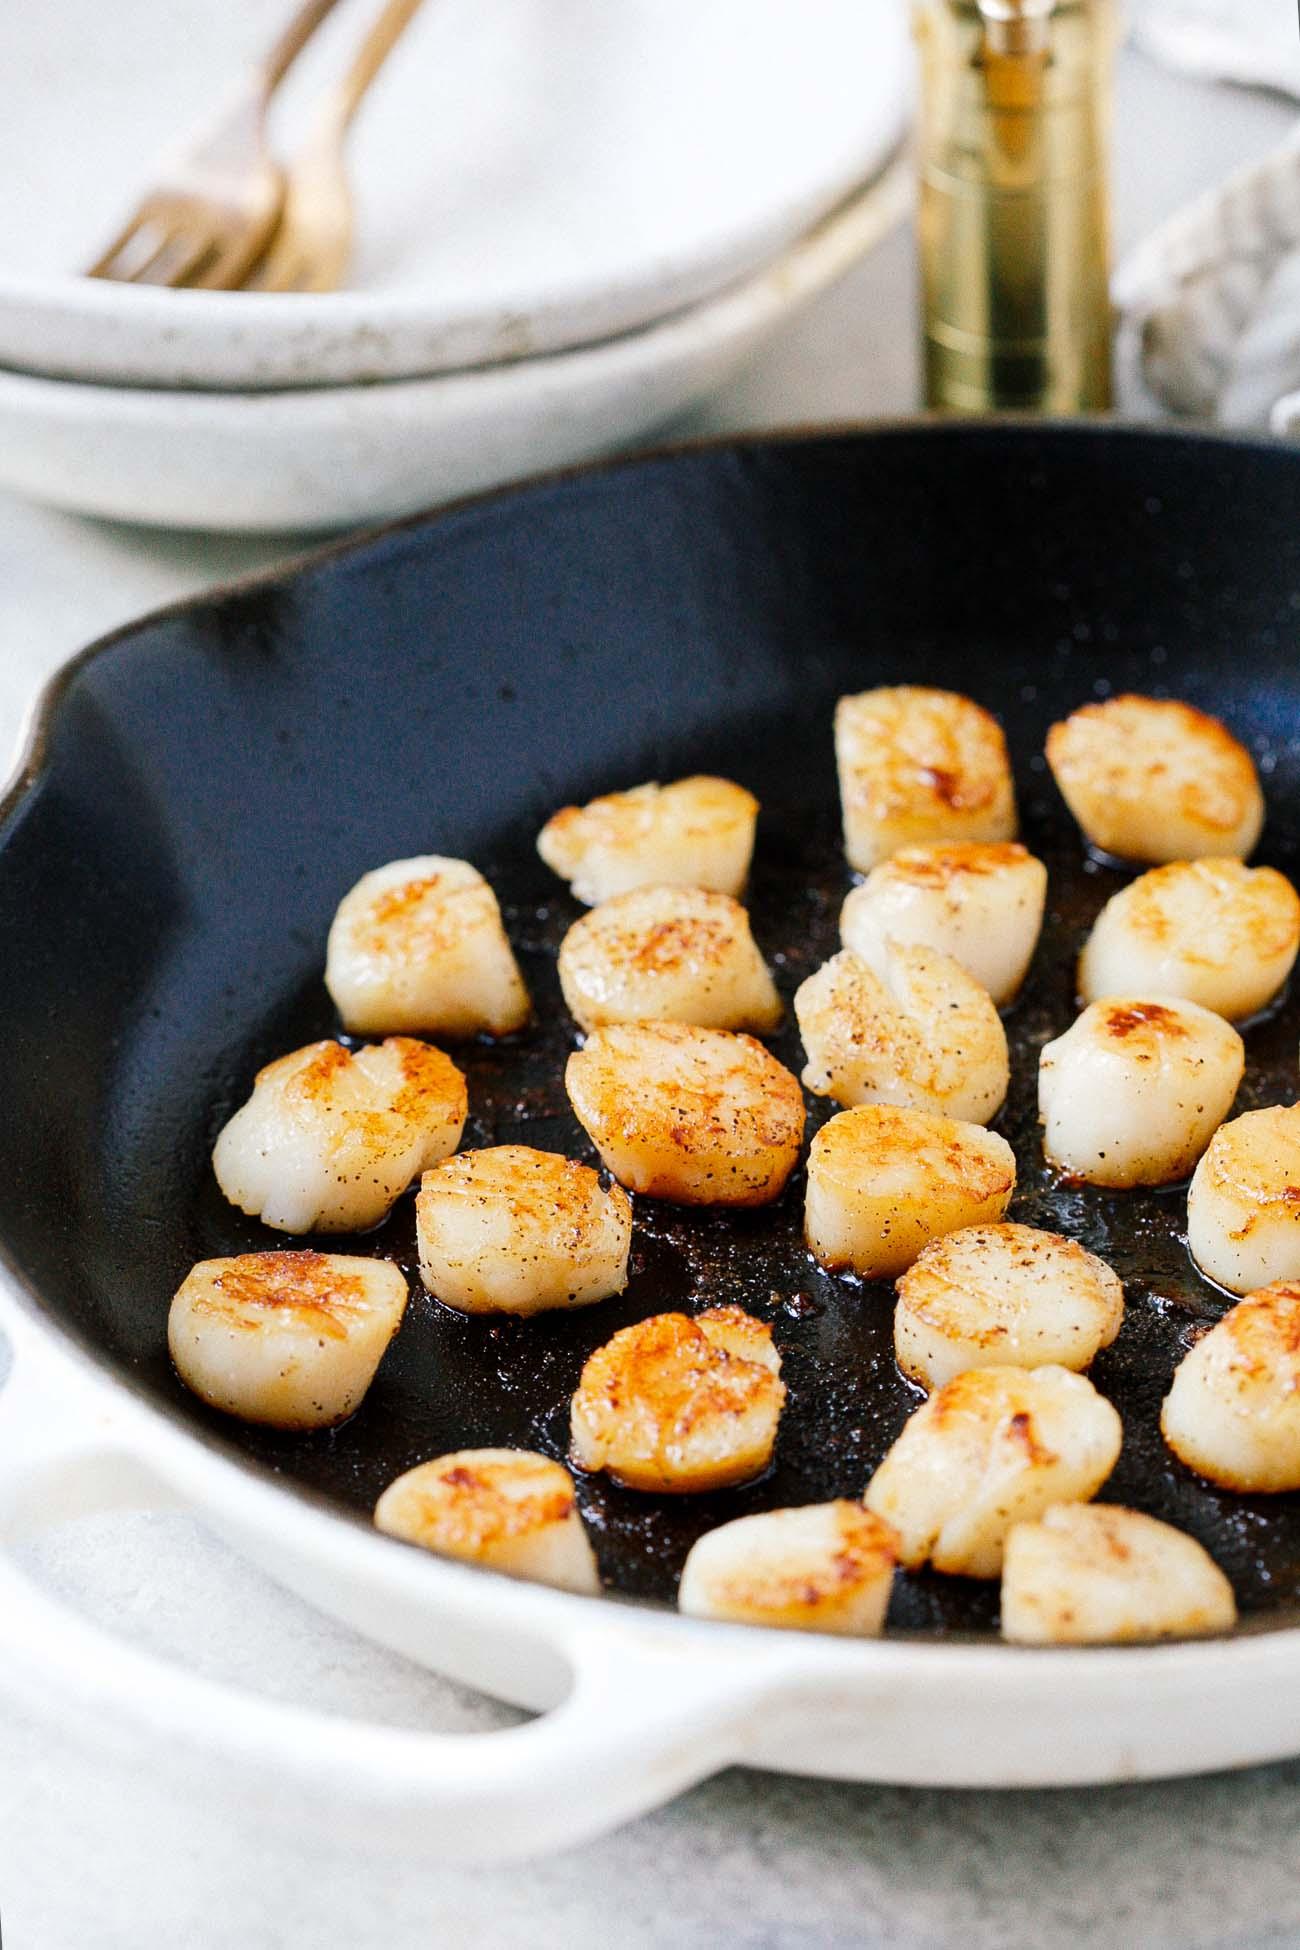 A pan of seared scallops.